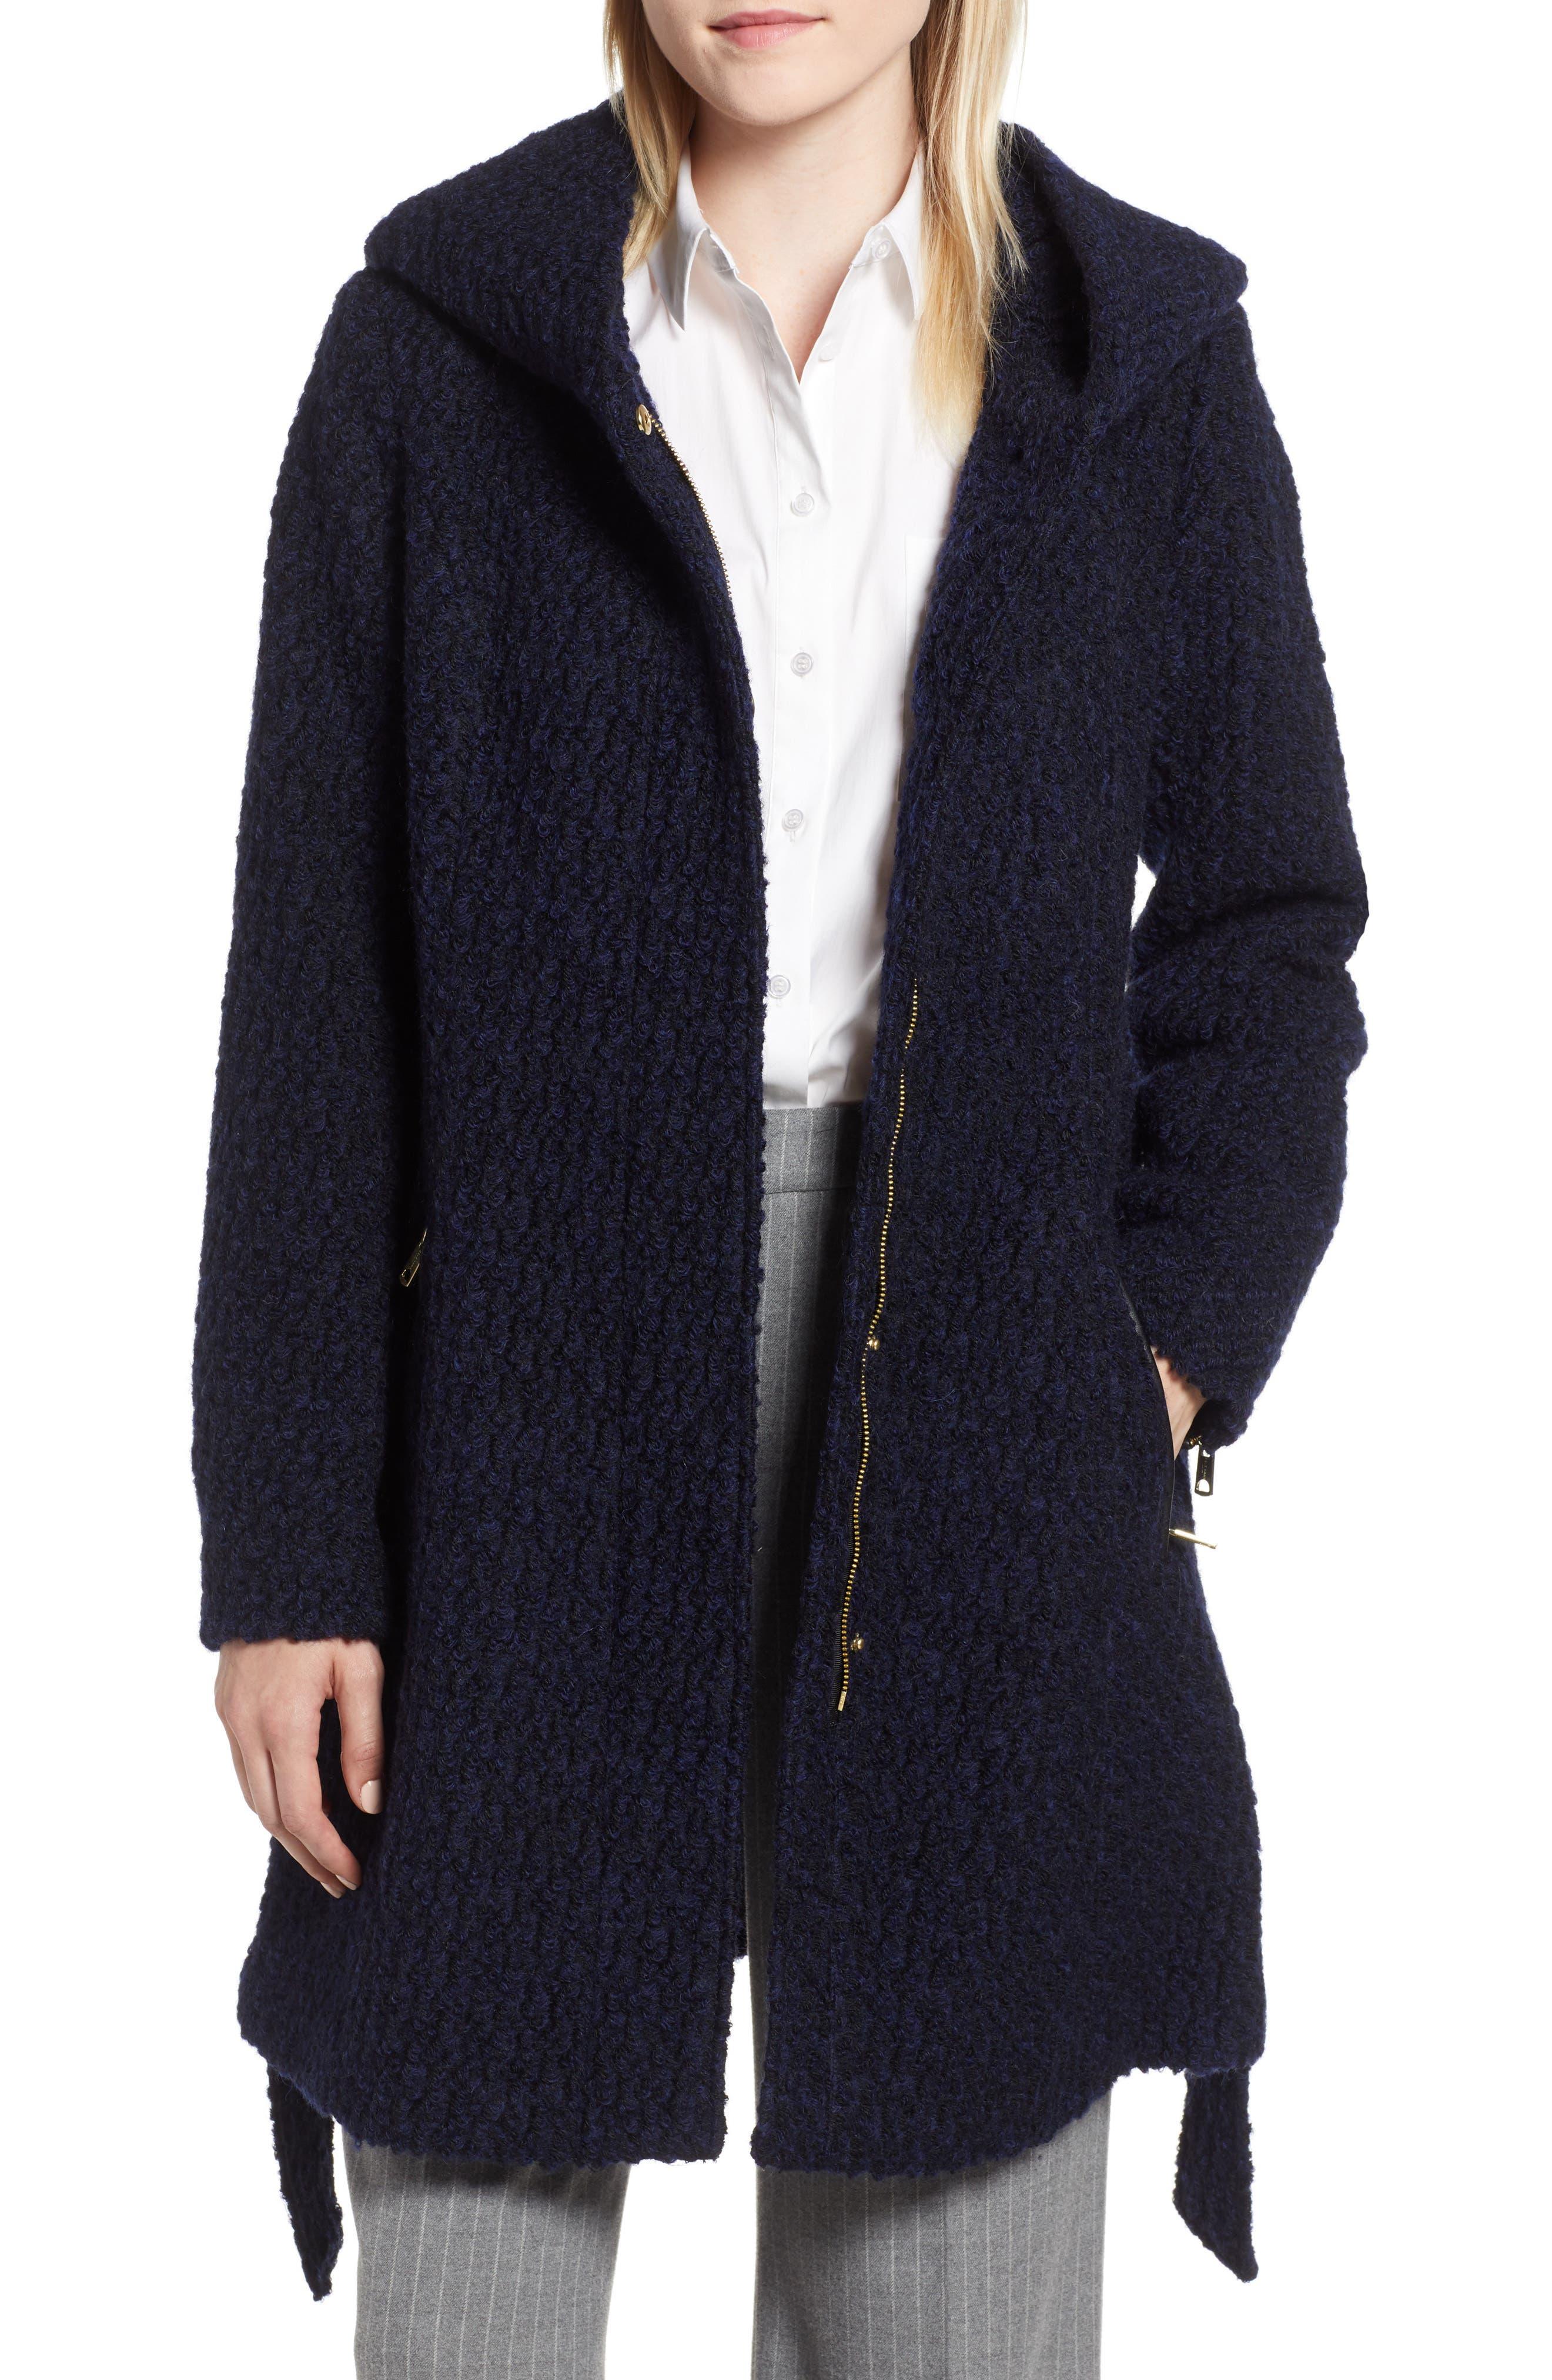 Belted Bouclé Wool Blend Coat,                             Main thumbnail 1, color,                             BLACK/ NAVY